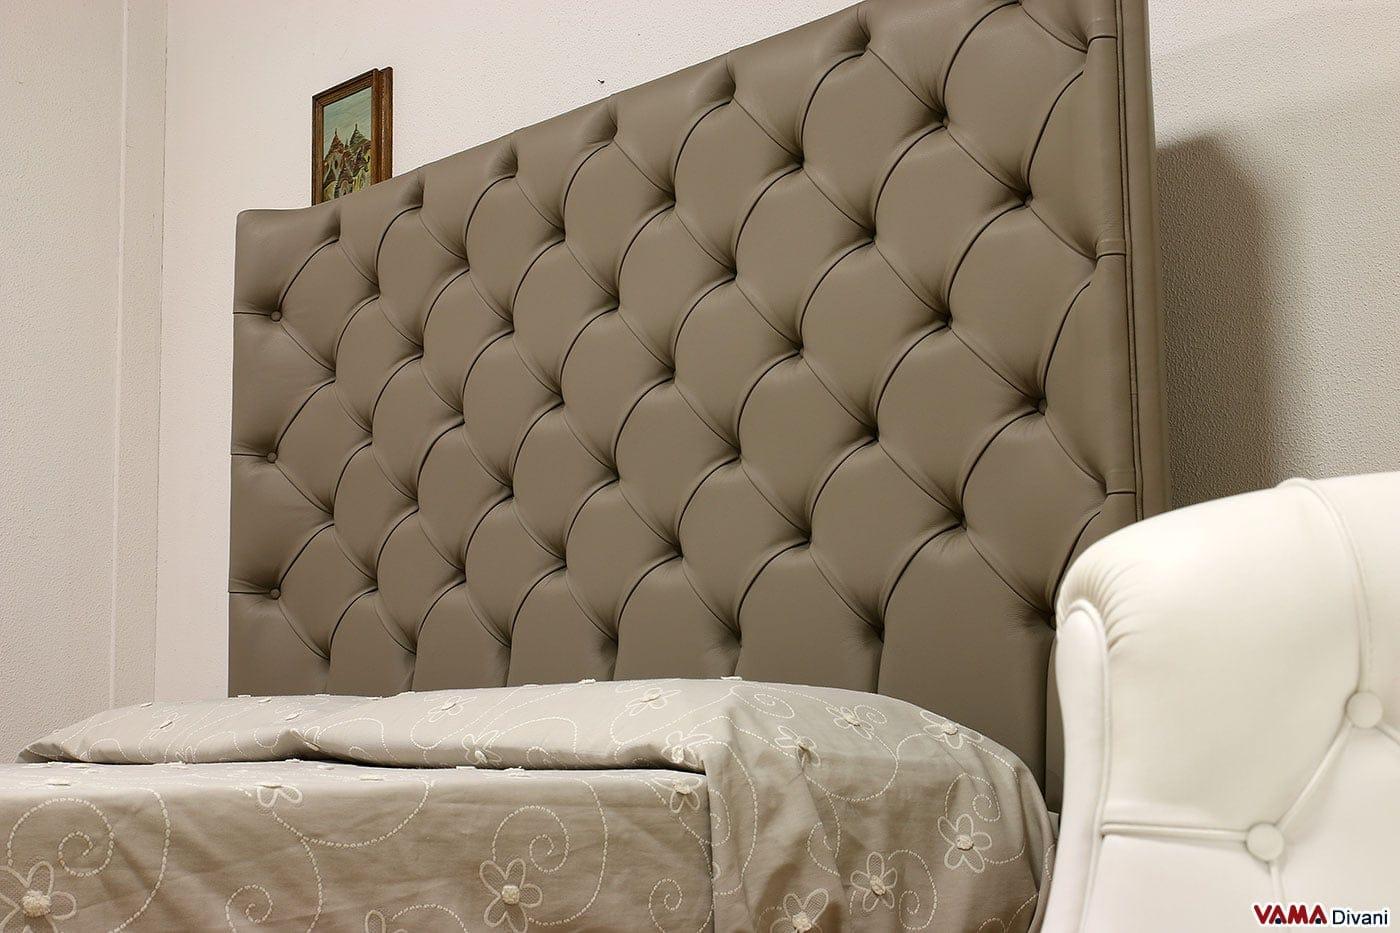 Letto con testiera di grandi dimensioni in pelle - Dove comprare un letto matrimoniale ...